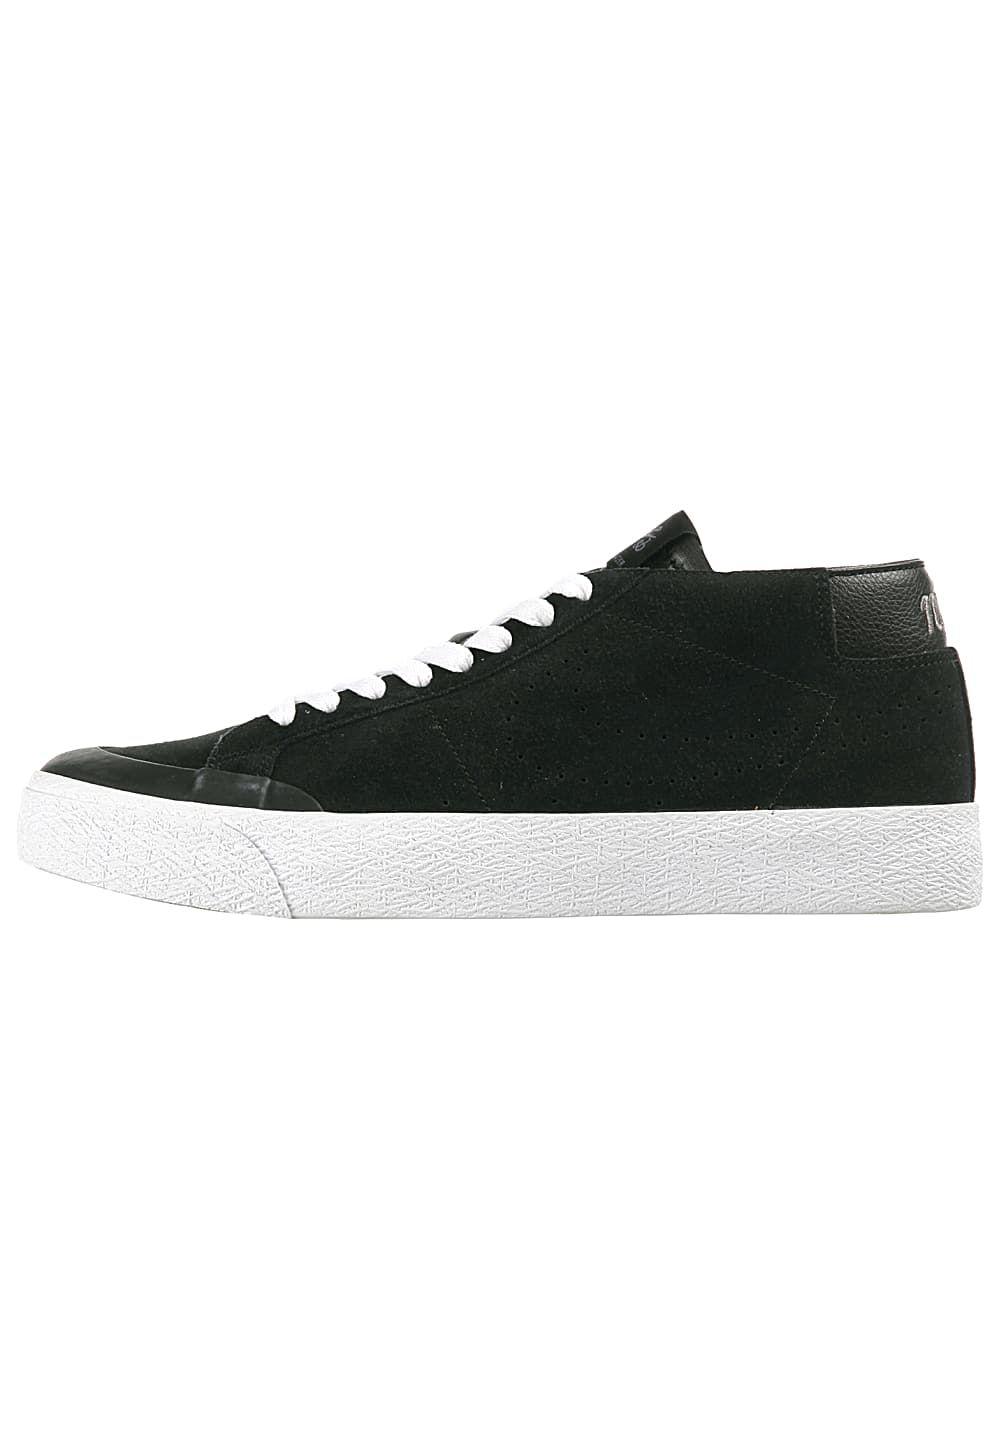 big sale 76b58 3d5e9 Nike SB Zoom Chukka Xt - Baskets pour Homme - Noir